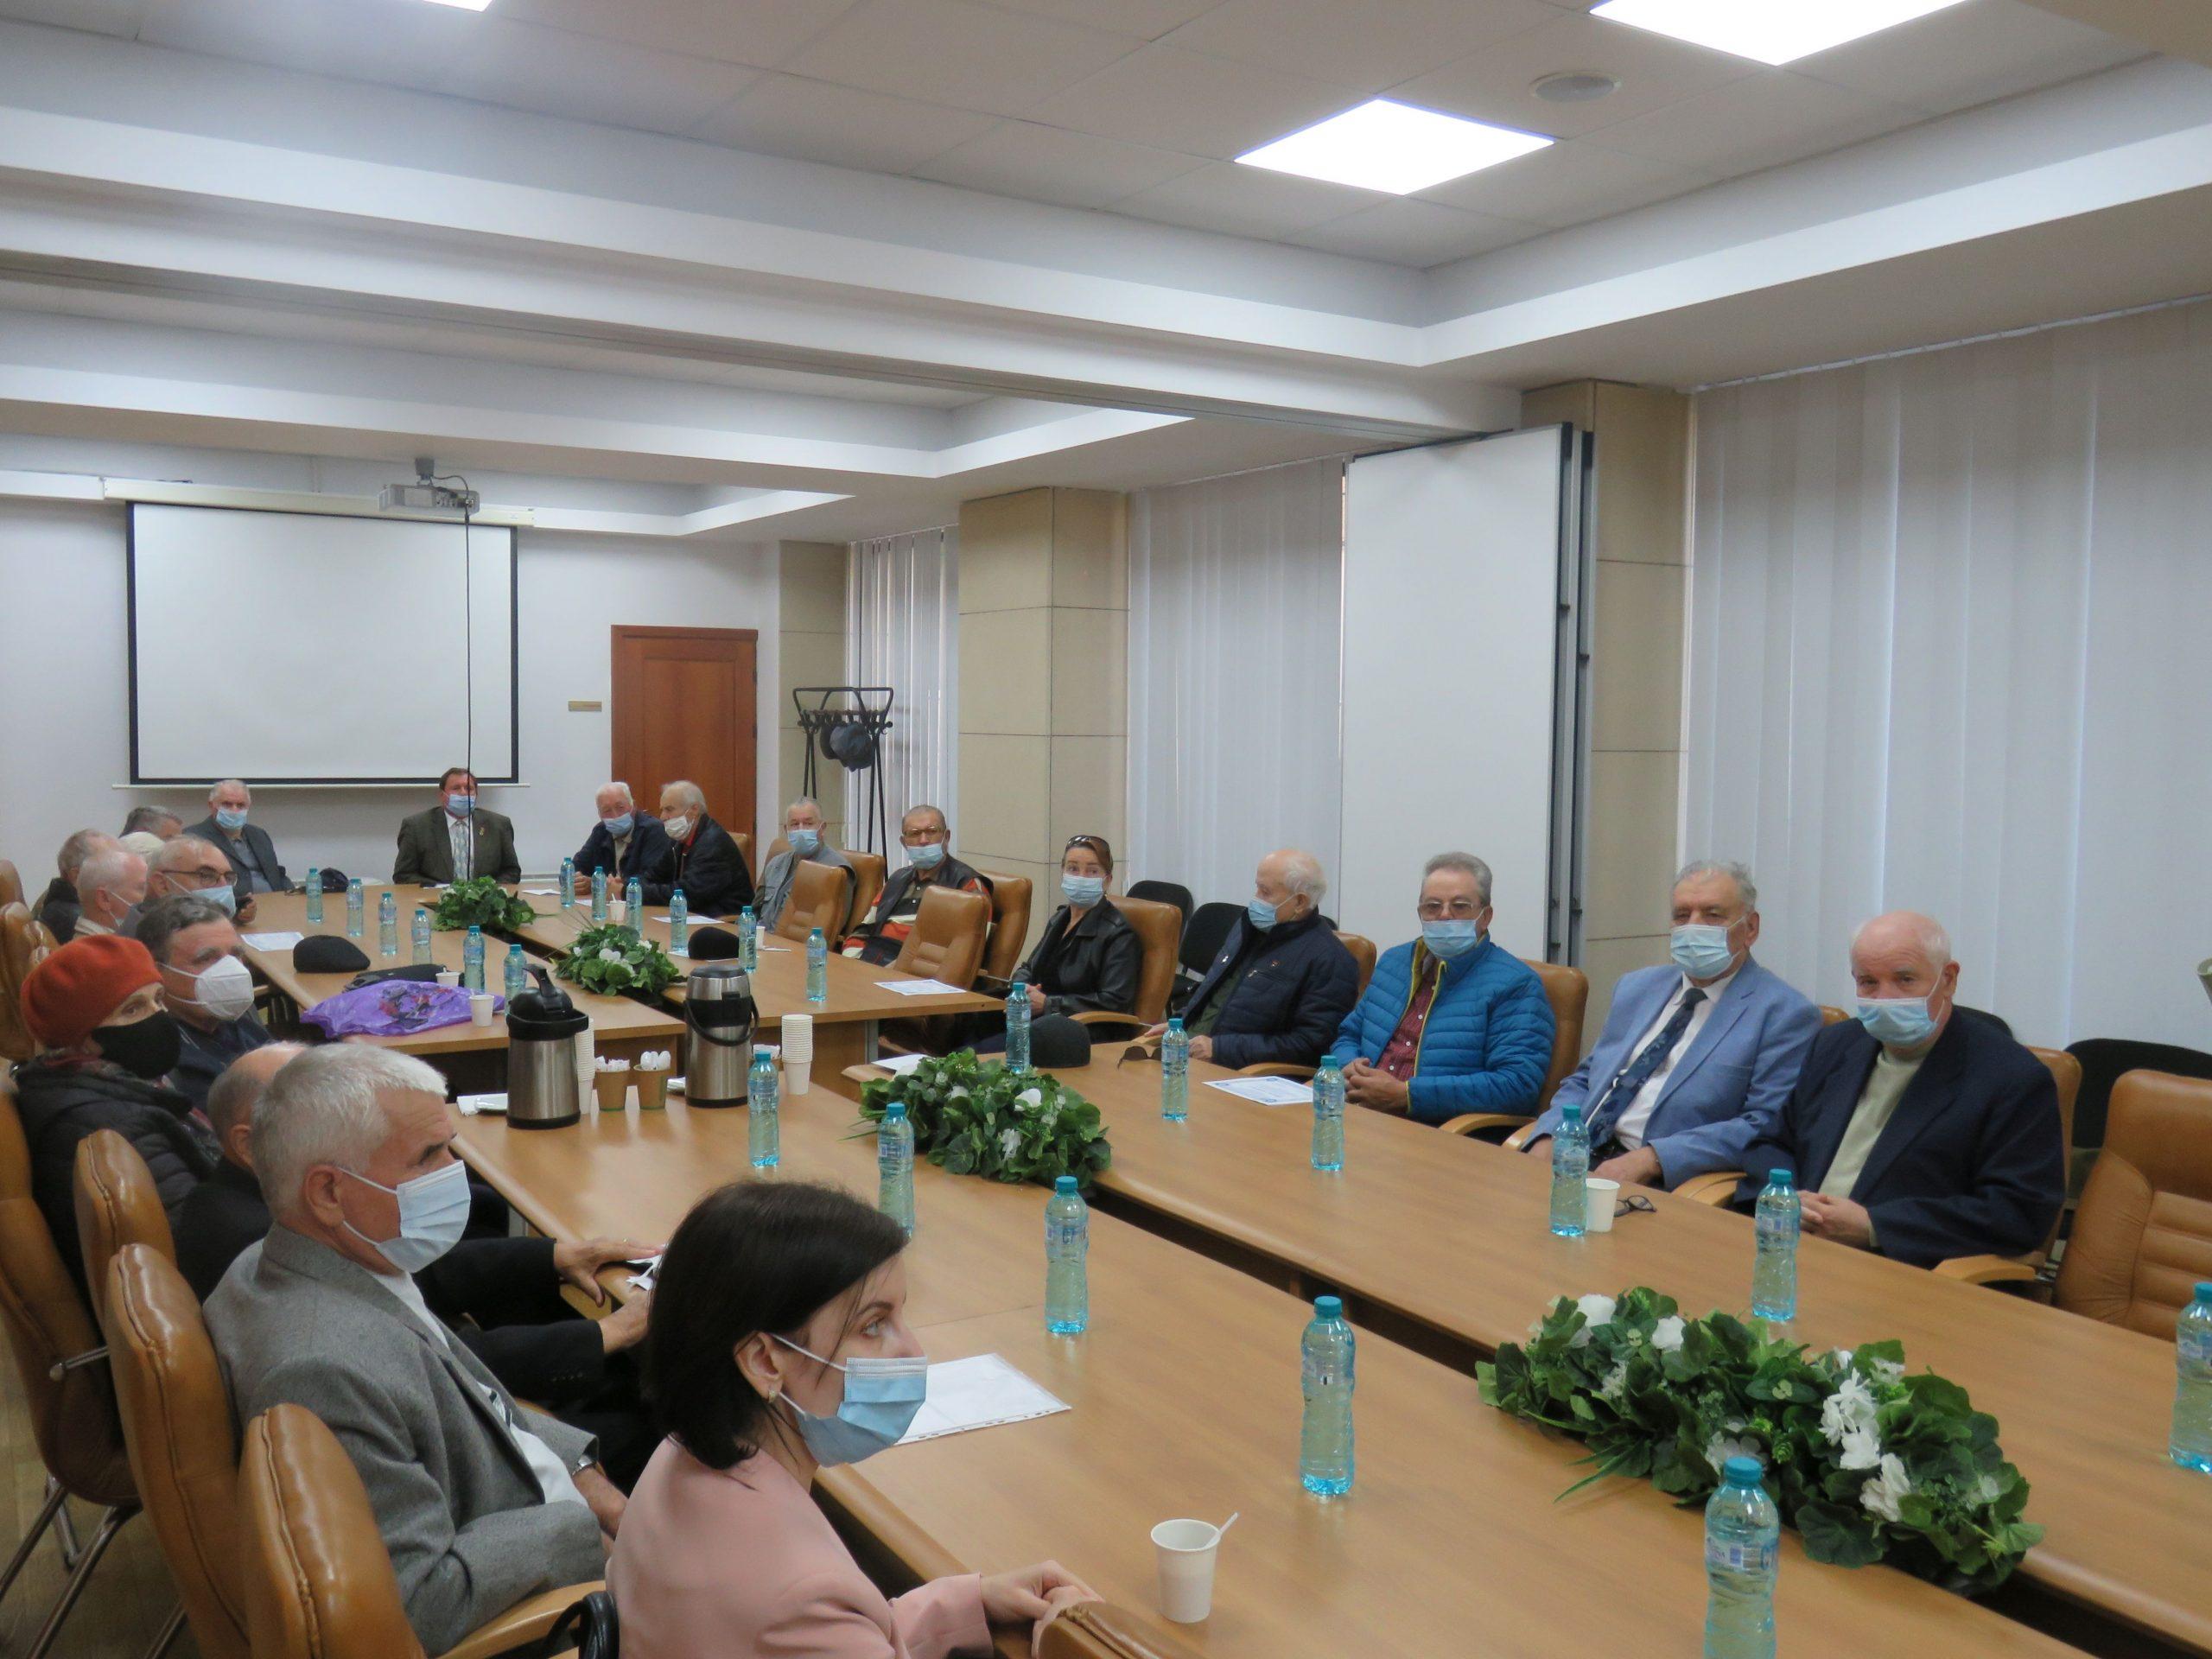 Adunare festivă la Consiliul Județean, pentru vârstnicii tulceni